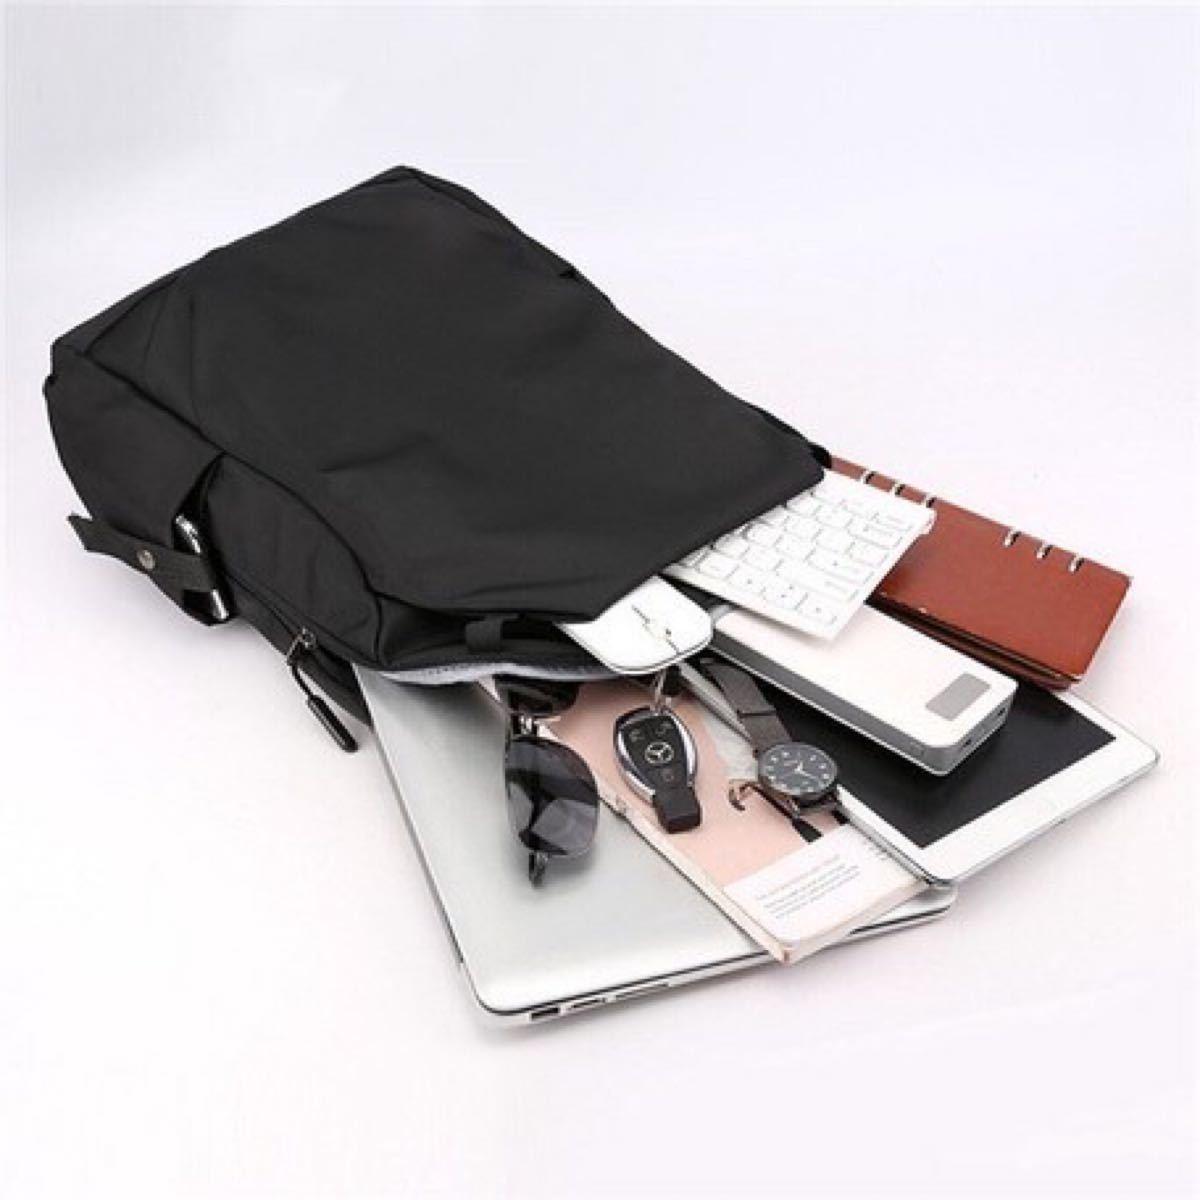 リュック バックパック ビジネス 日常 旅行 通勤 通学 大容量 アウトドア